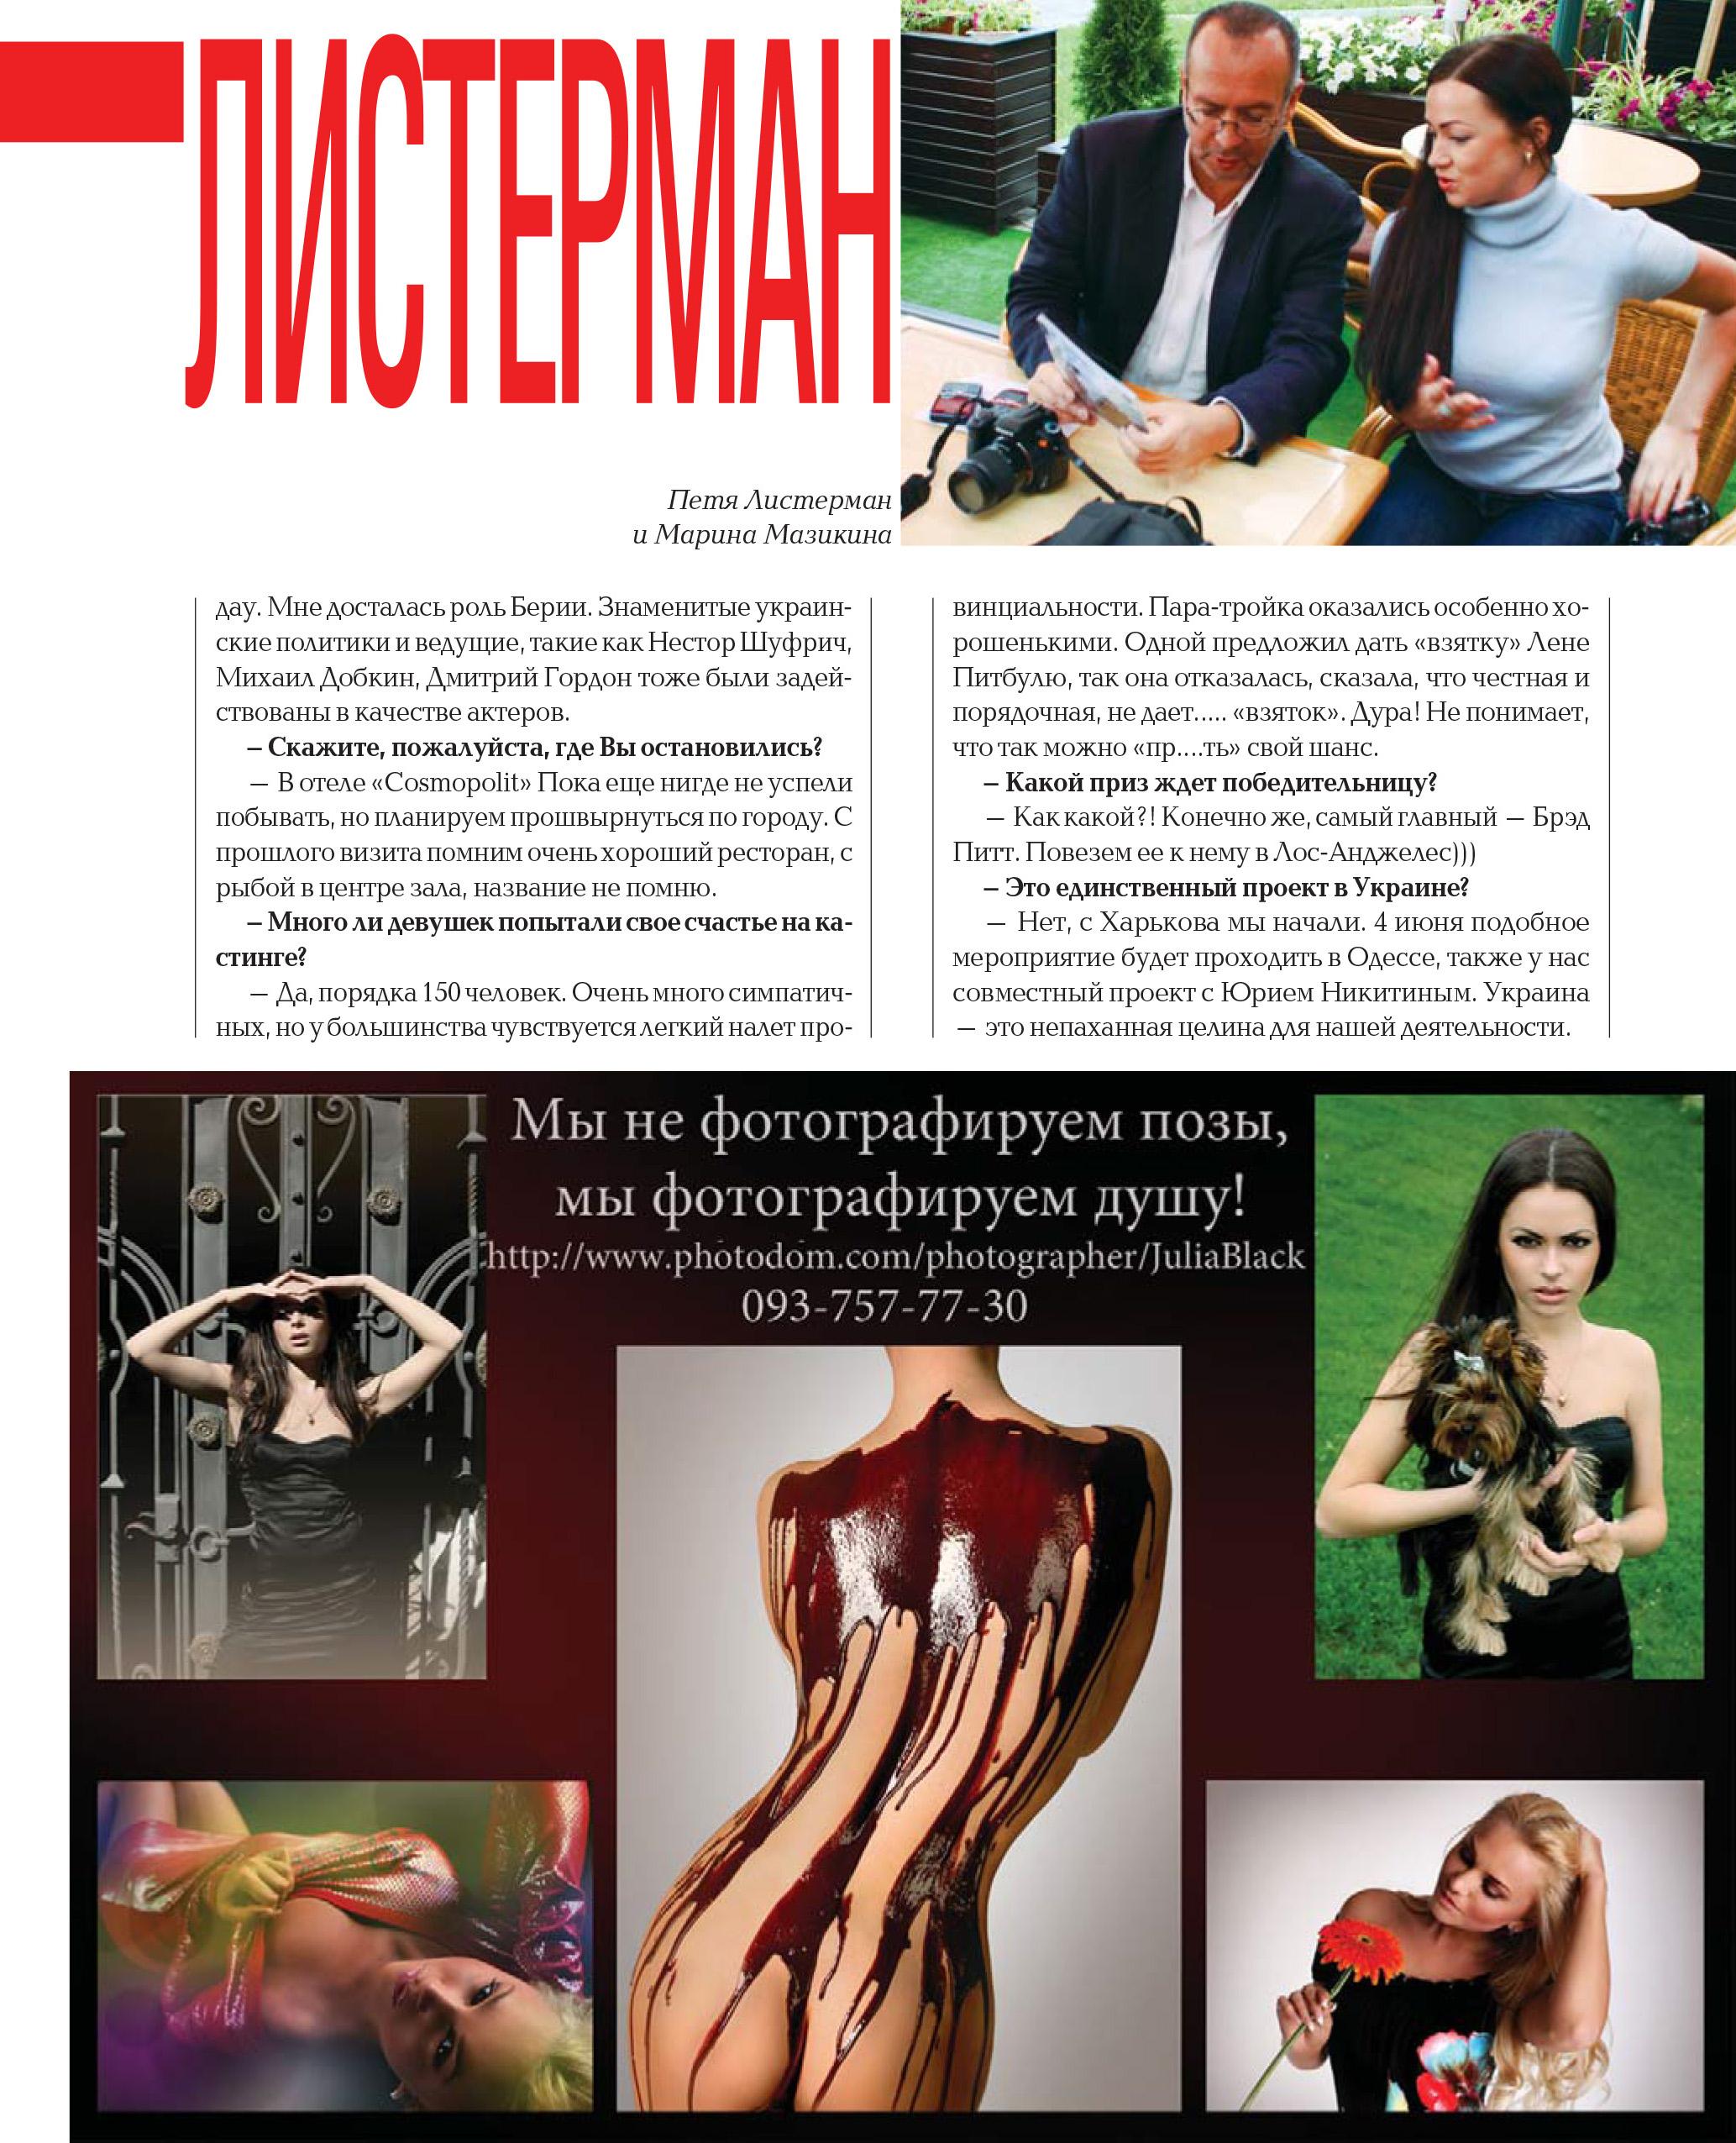 listerman_shikolad_2010-1_2